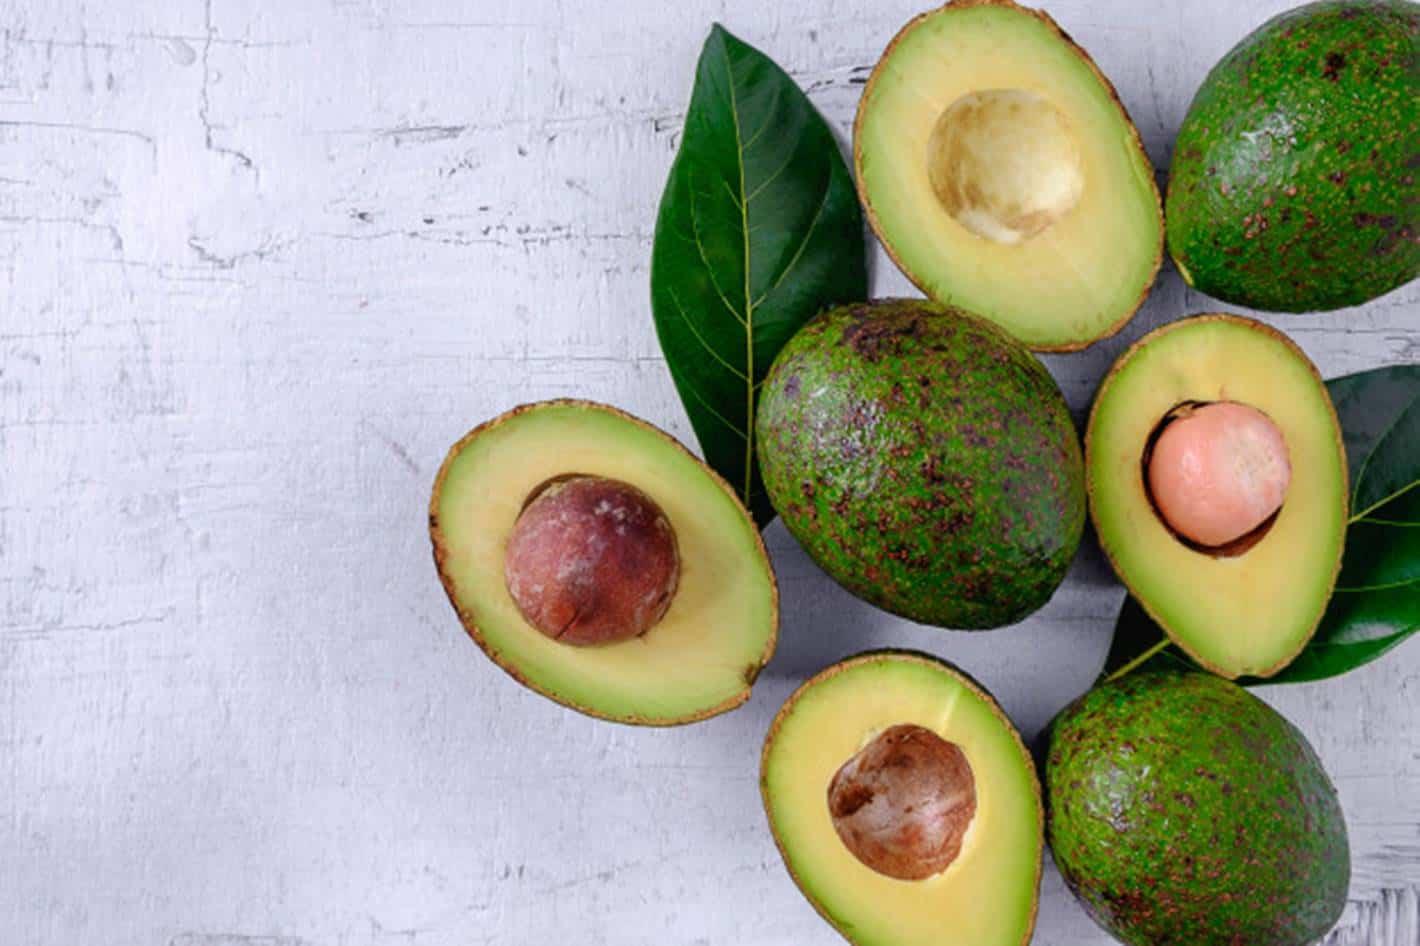 Descubra os benefícios para a saúde do chá de folha de abacate